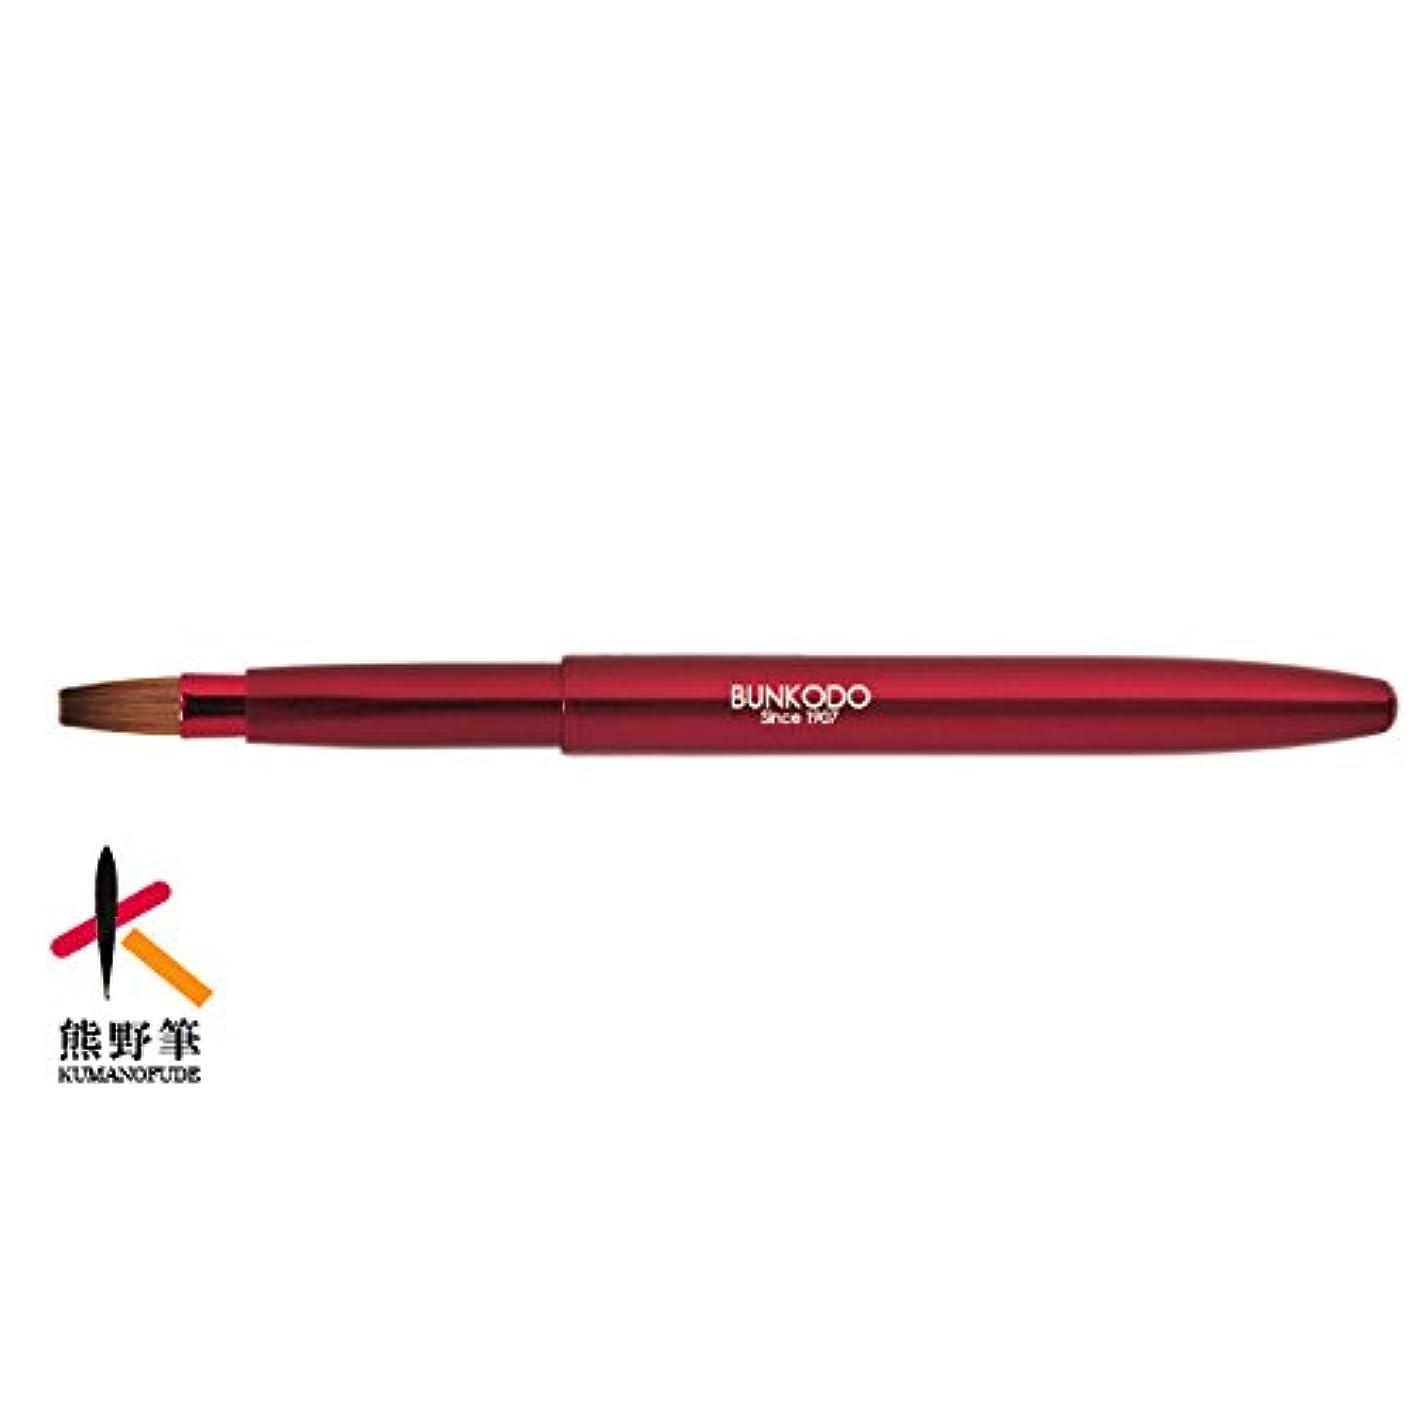 相反する推論パッド明治四十年創業 文宏堂 最高級コリンスキー毛100% 使用 熊野化粧筆 携帯用リップブラシ プッシュ式 ワインレッド MB008 名入れ可能